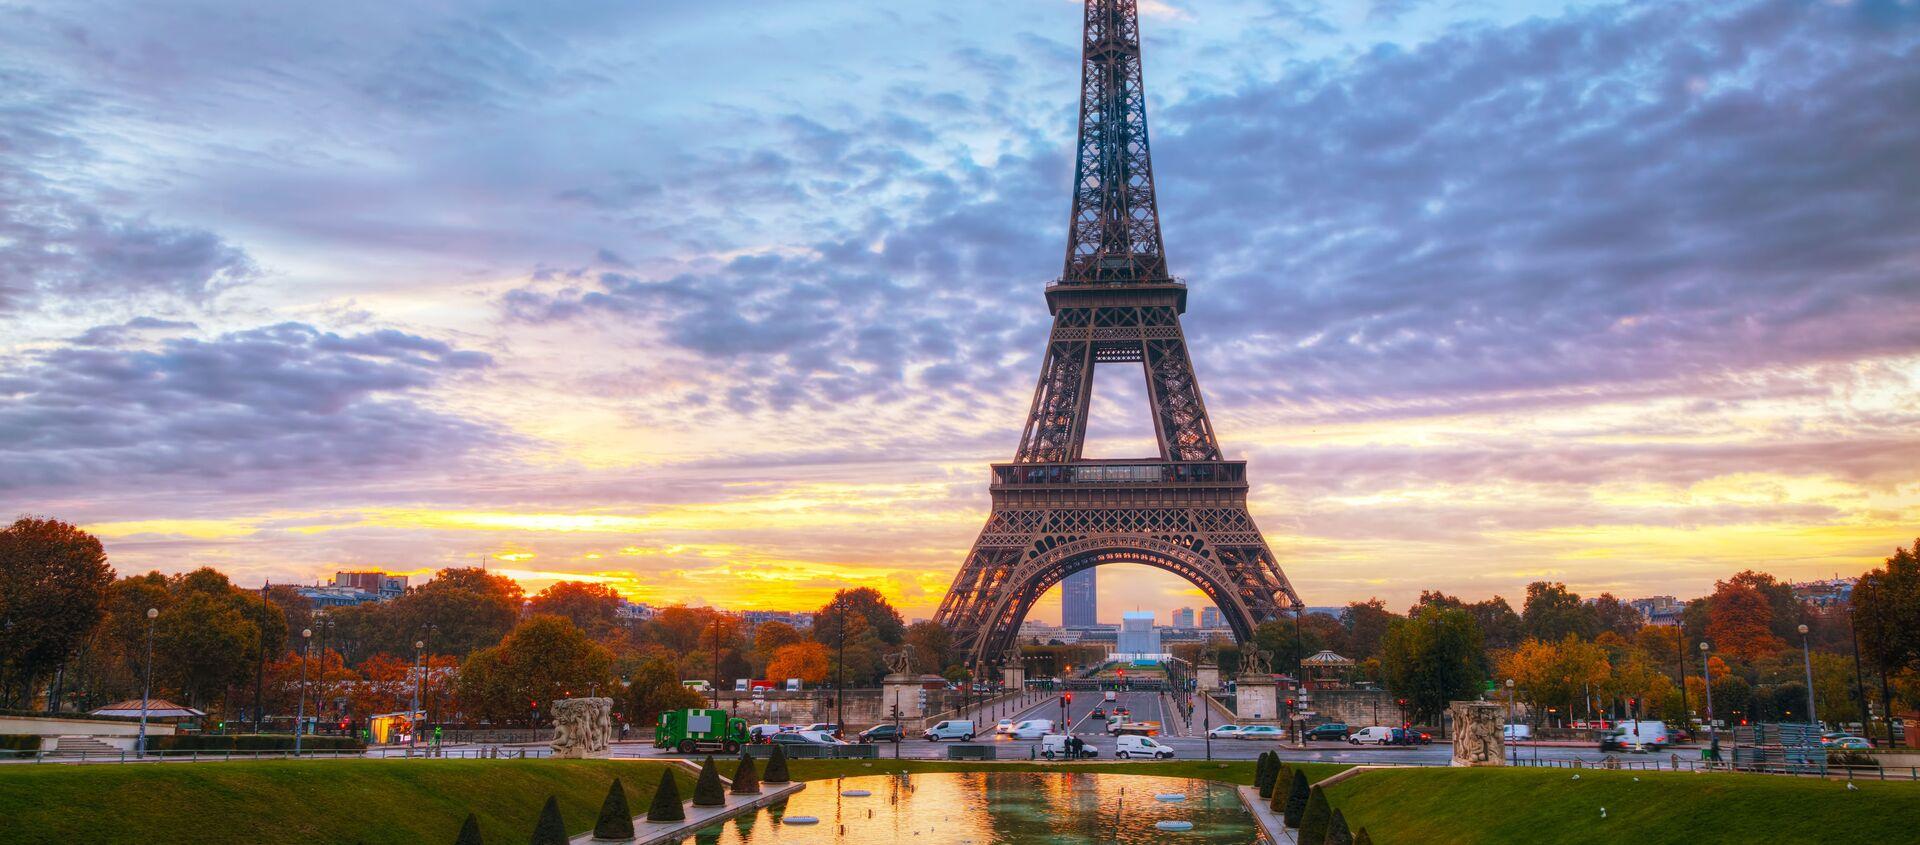 Wieża Eiffla Paryż Francja - Sputnik Polska, 1920, 09.06.2021